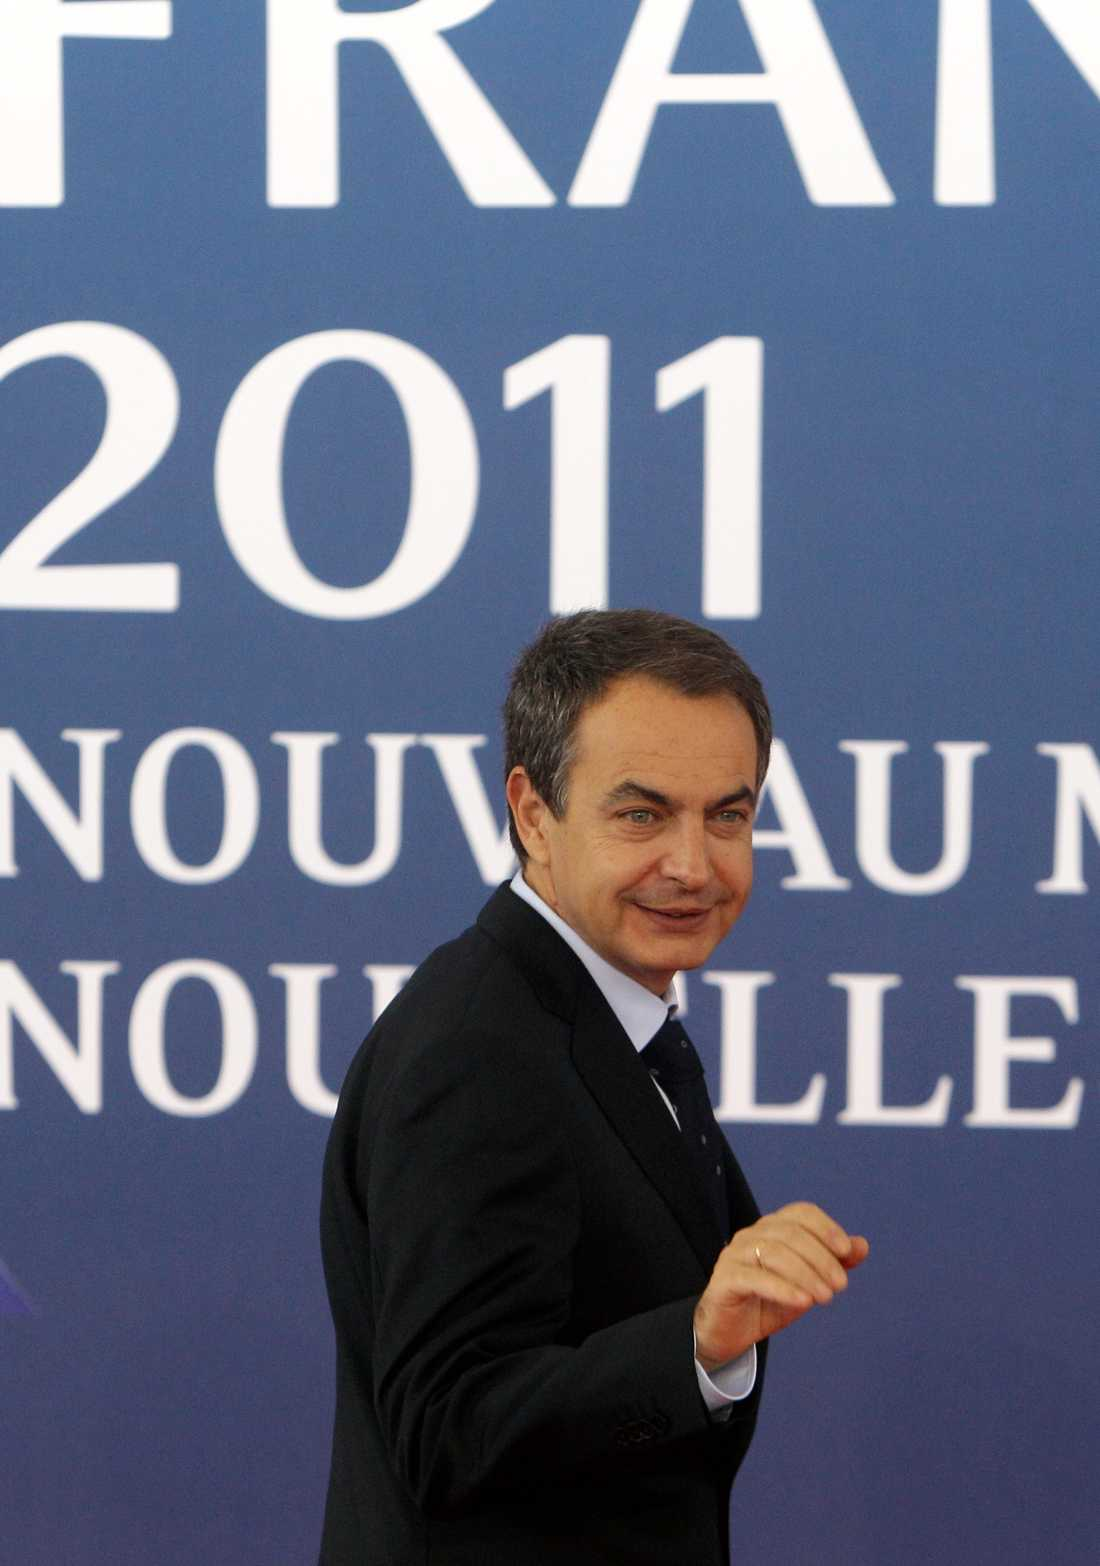 ... och det gör också spanska premiärministern Jose Luis Rodriguez Zapatero, om än lite försiktigare.